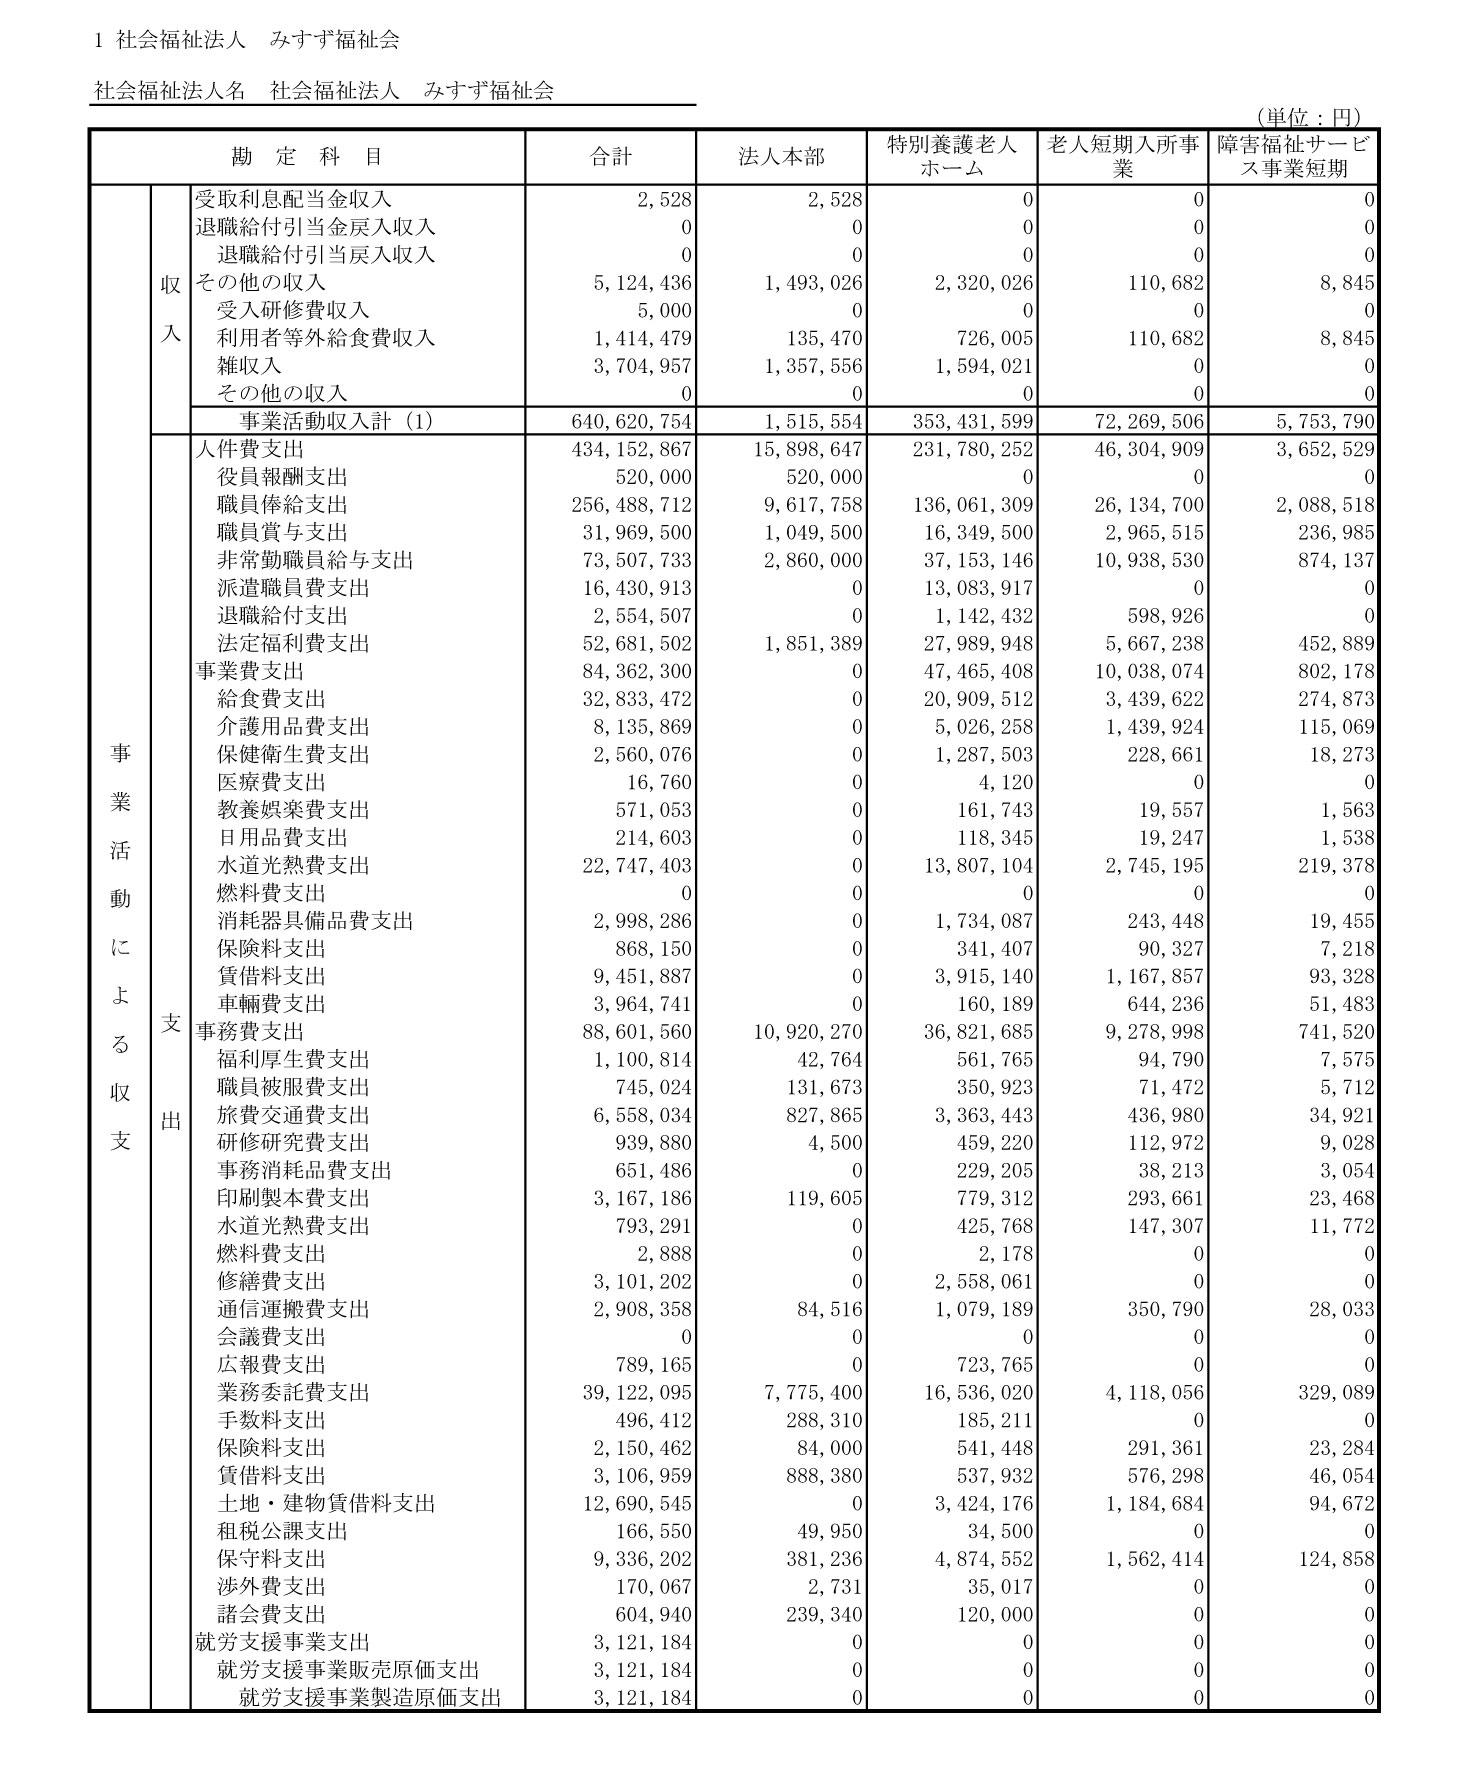 附属明細書・社会福祉大阪1-2